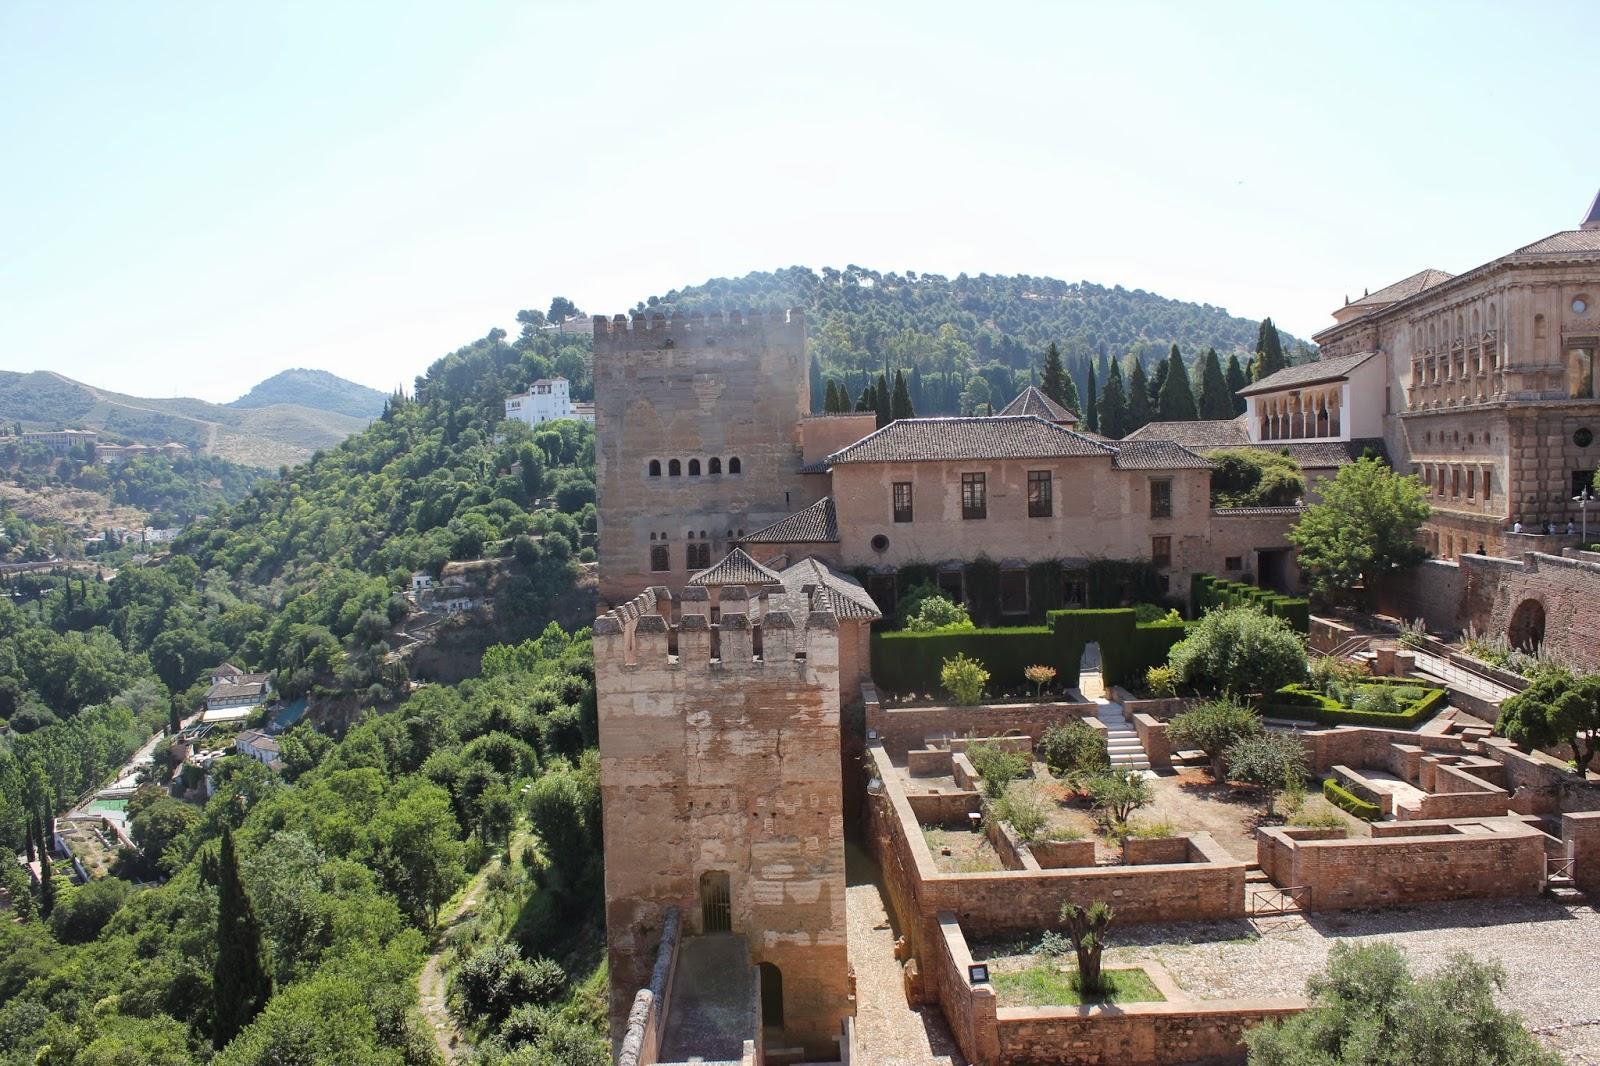 Maravillas ocultas de espa a granada la alhambra i el exterior - Residencia los jardines granada ...